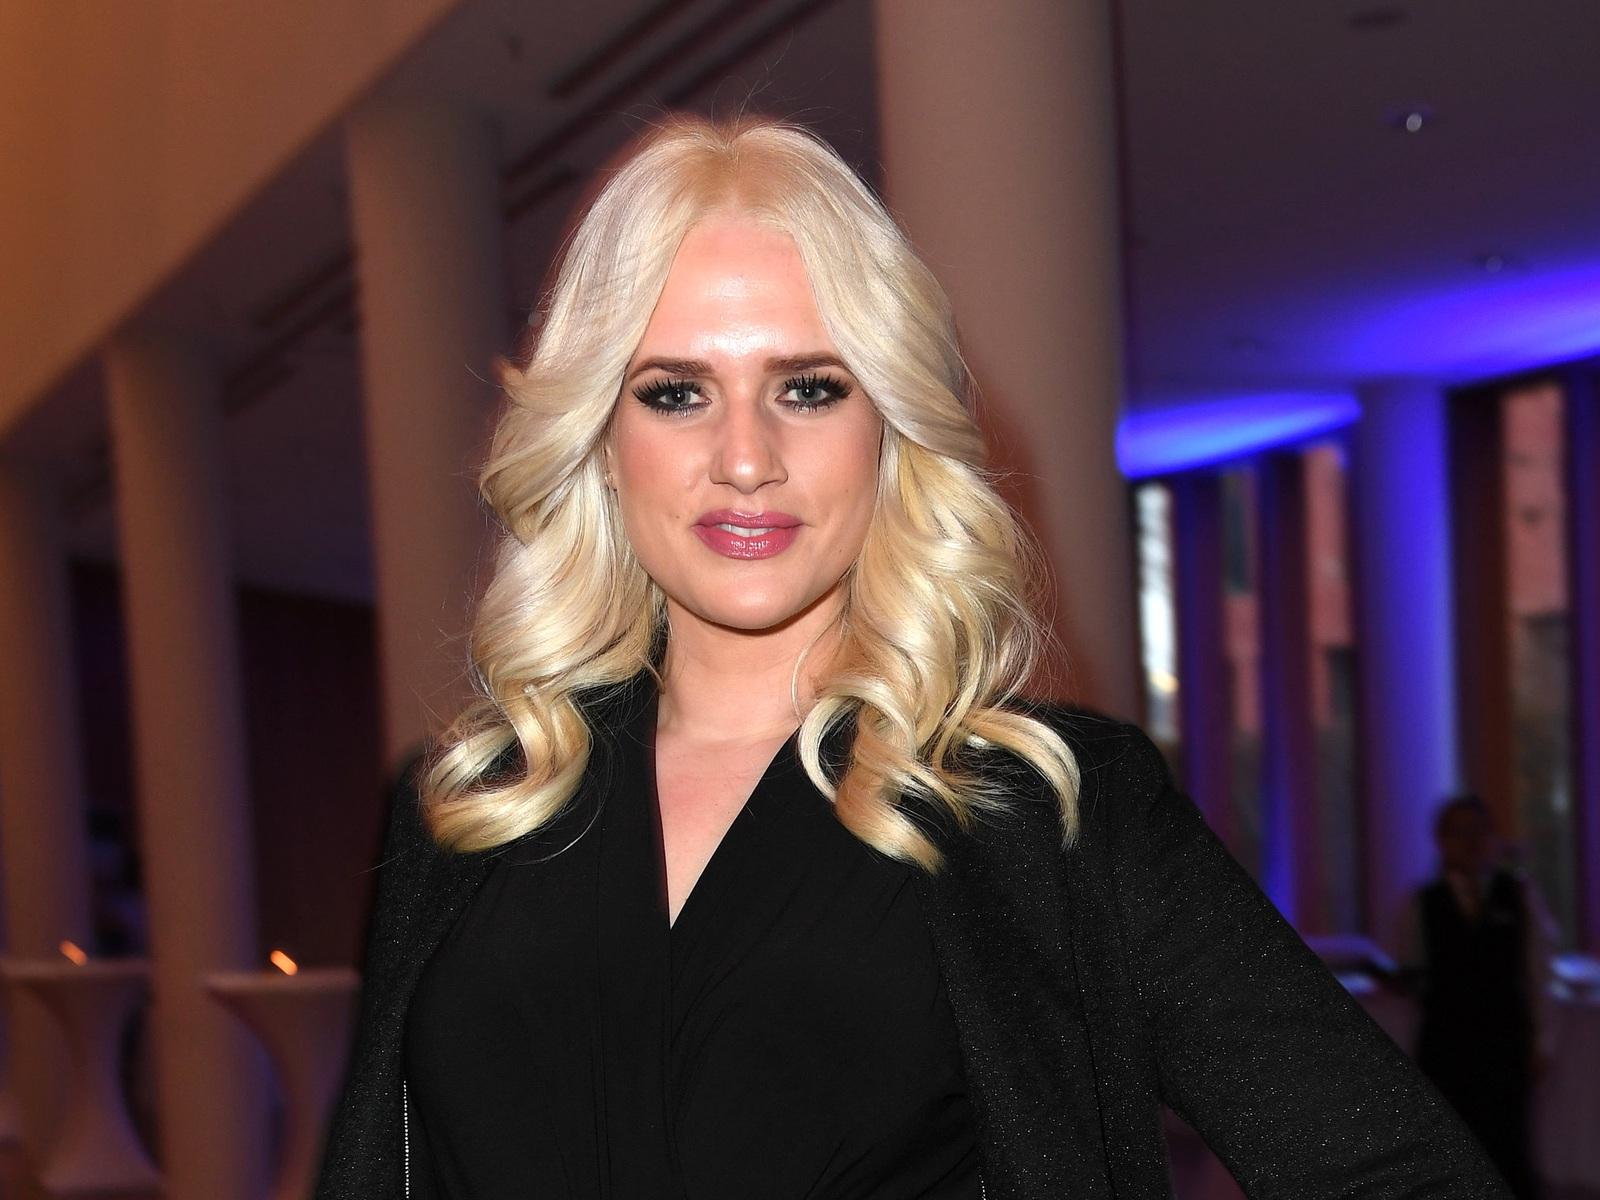 Germanys Next Topmodel Heidi Klum Sucht Wieder Ein Neues Topmodel